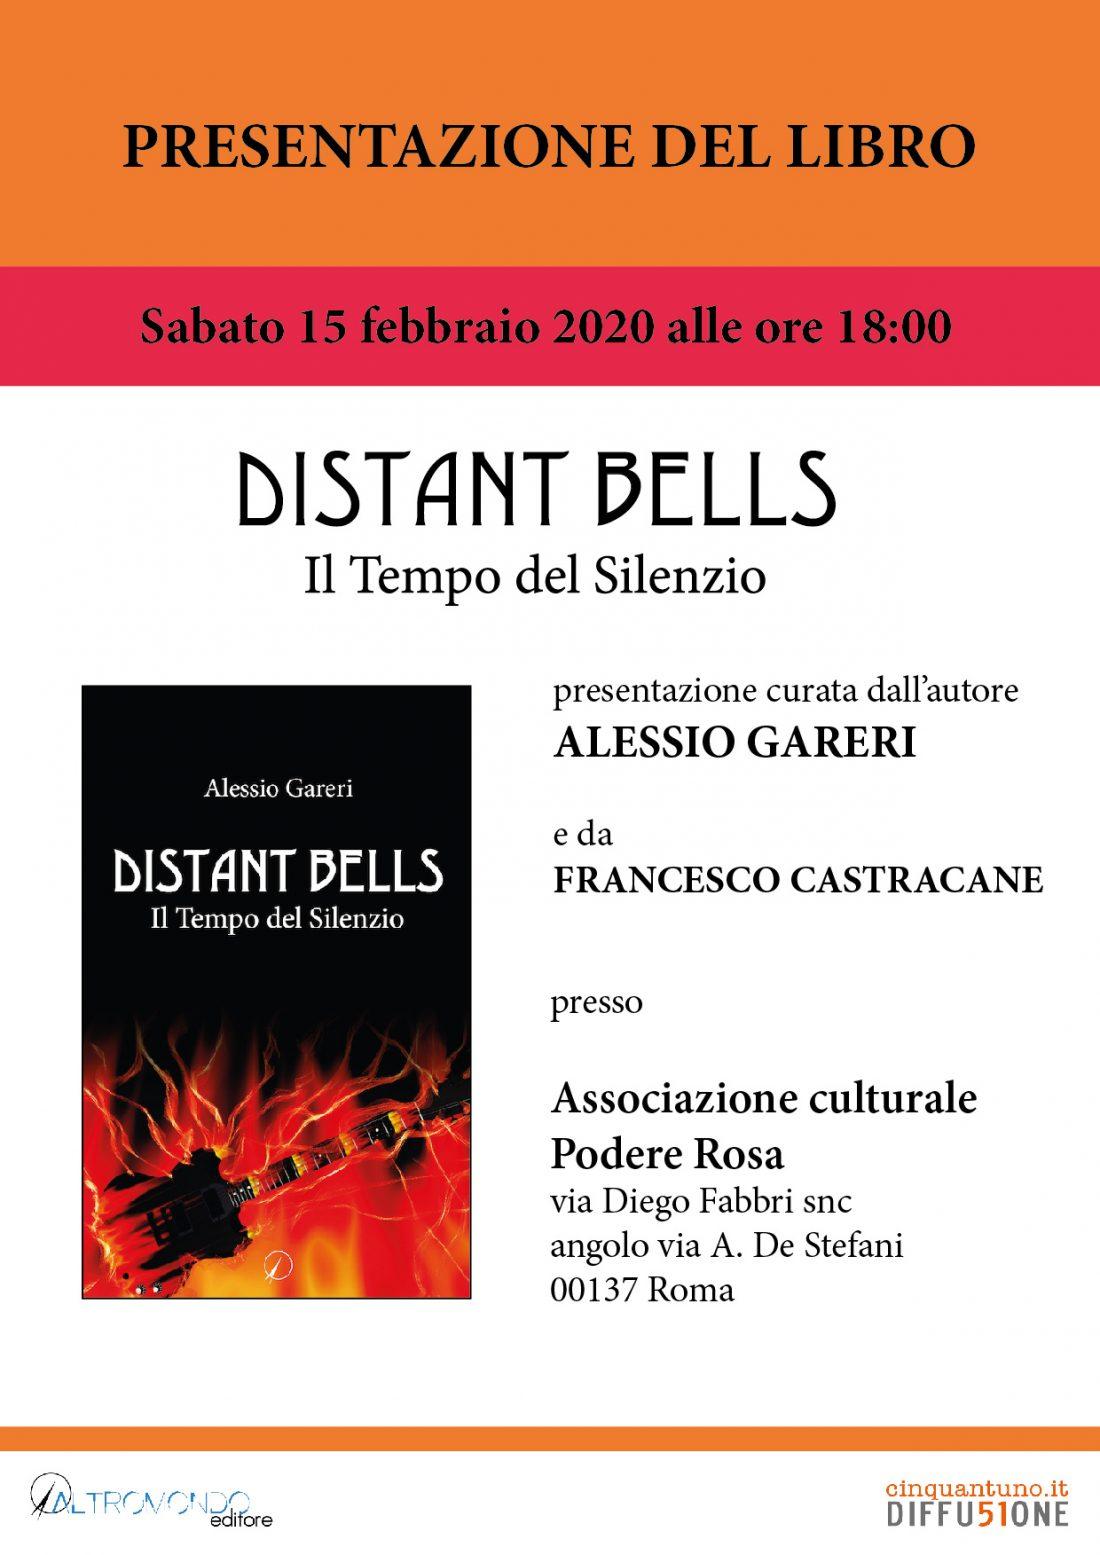 """Presentazione del libro """"Distant Bells. Il Tempo del Silenzio"""" di Alessio Gareri"""